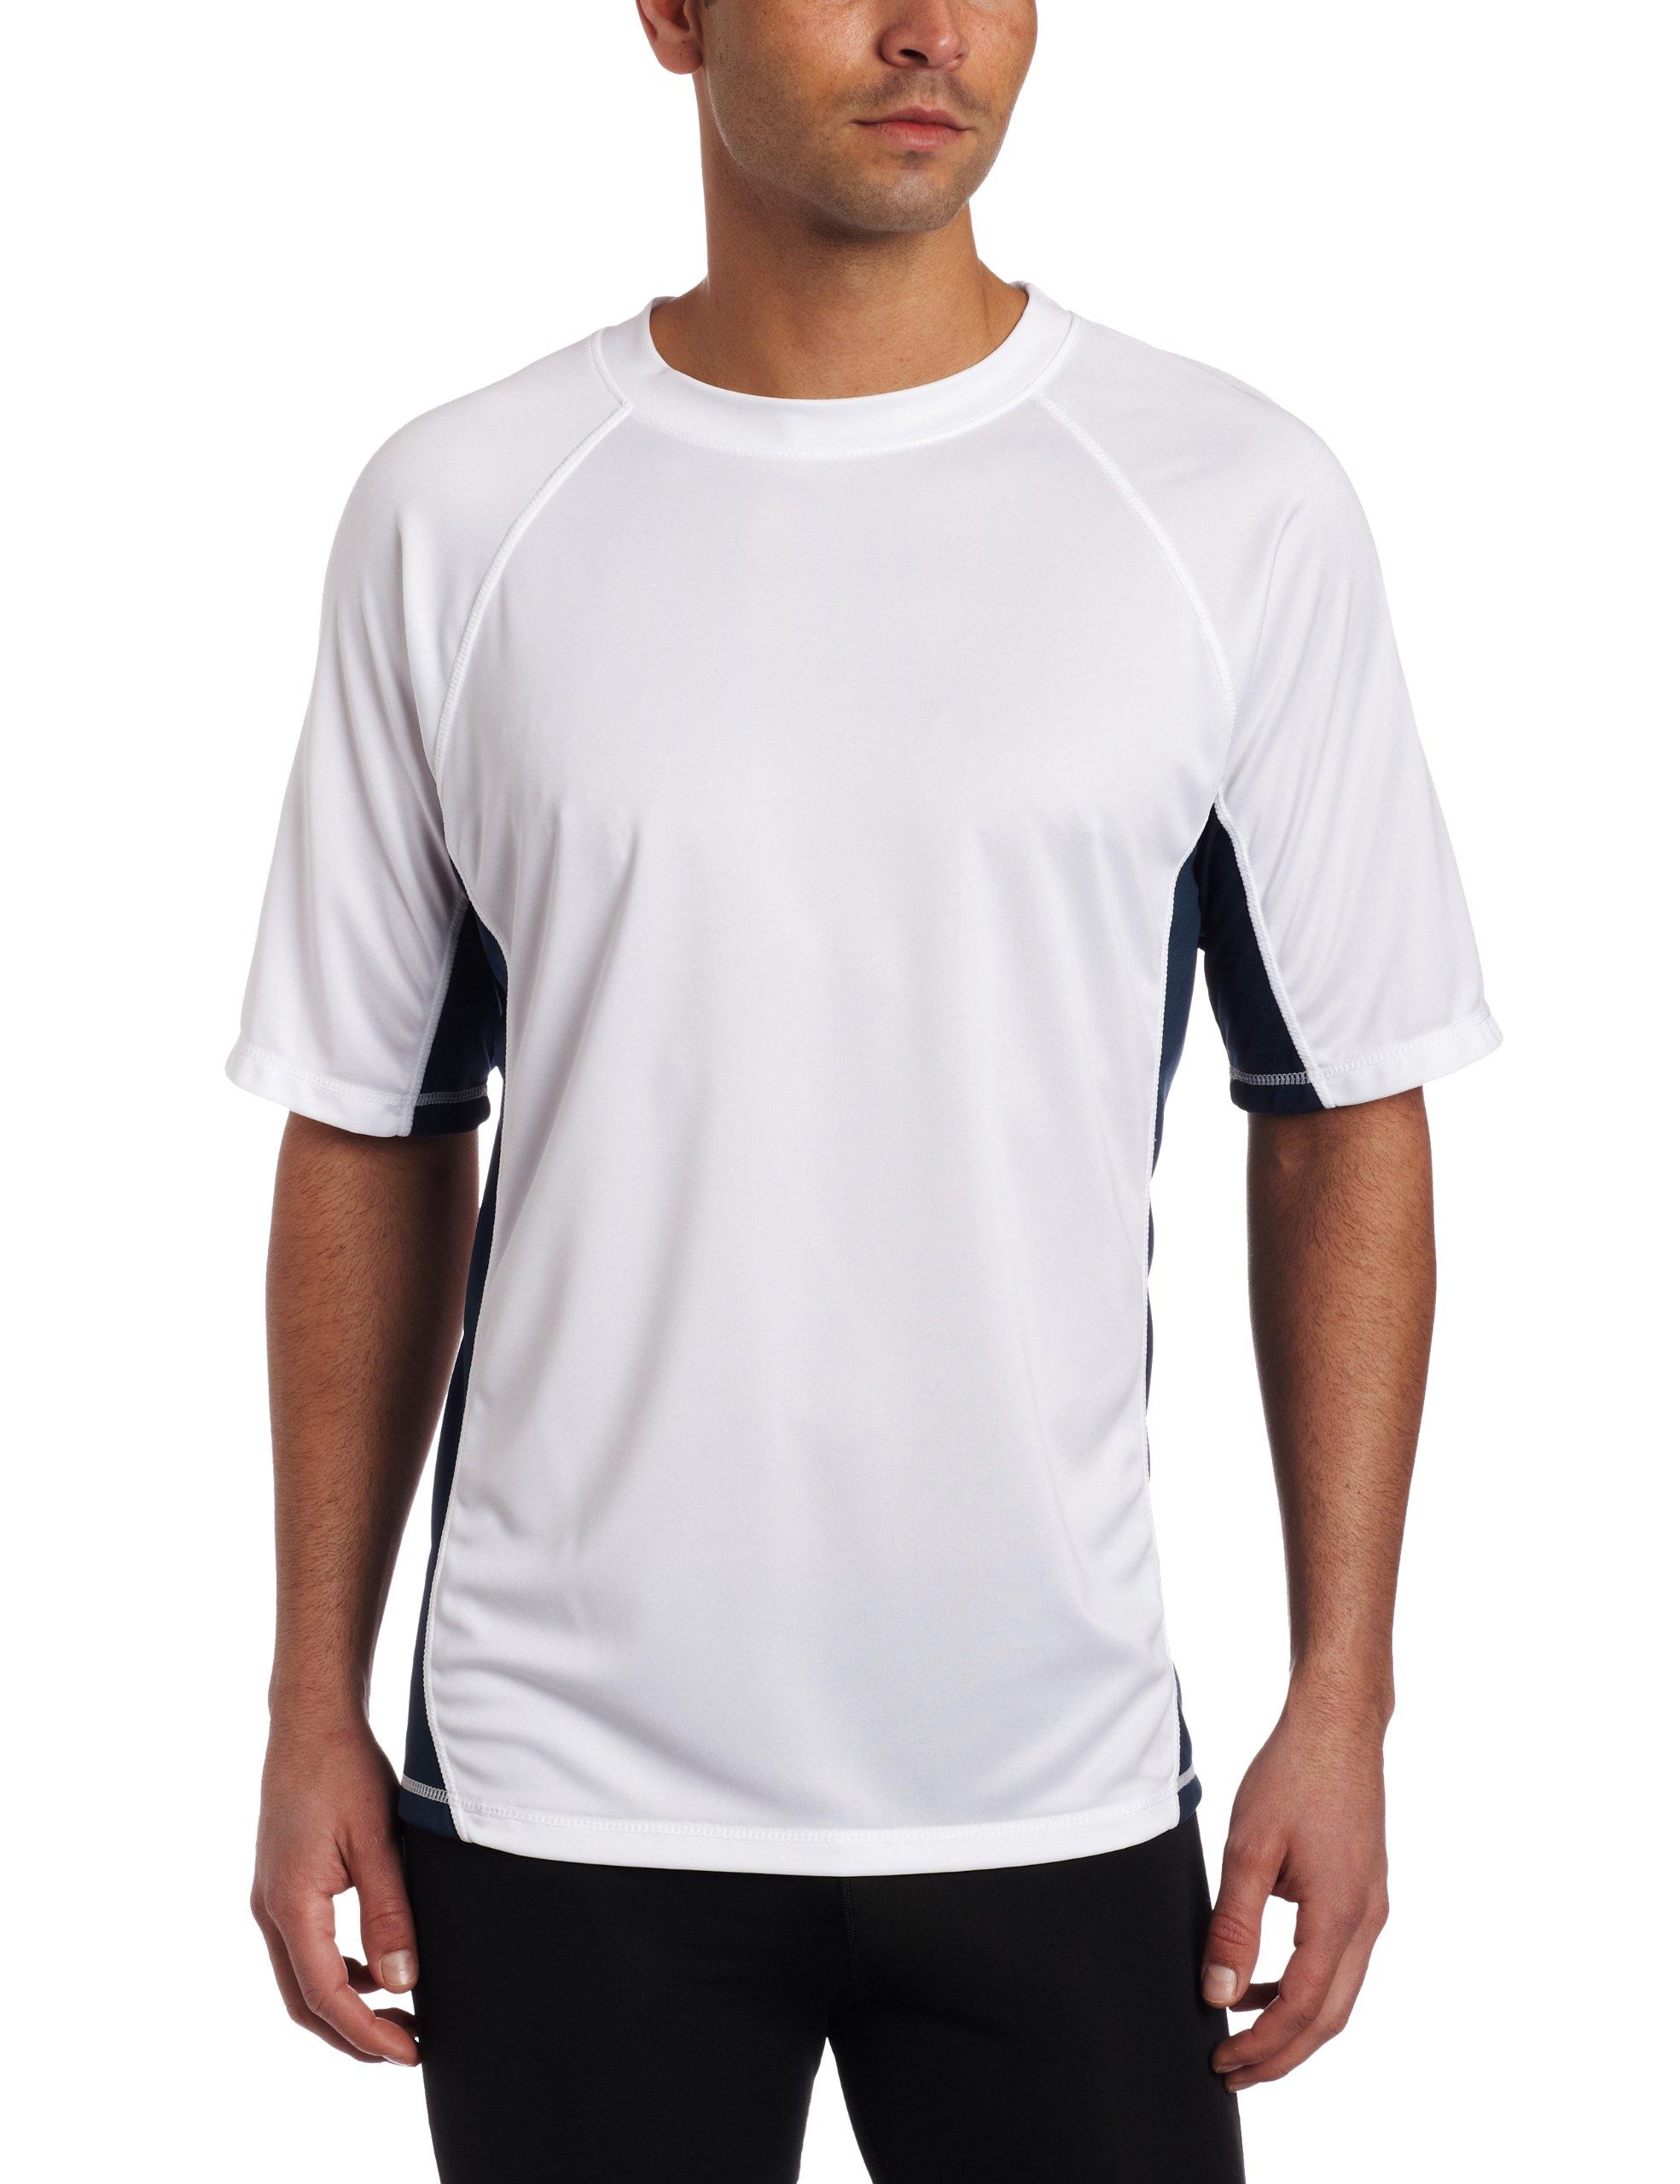 Kanu Surf Men's CB Rashguard UPF 50+ Swim Shirt, White, Small